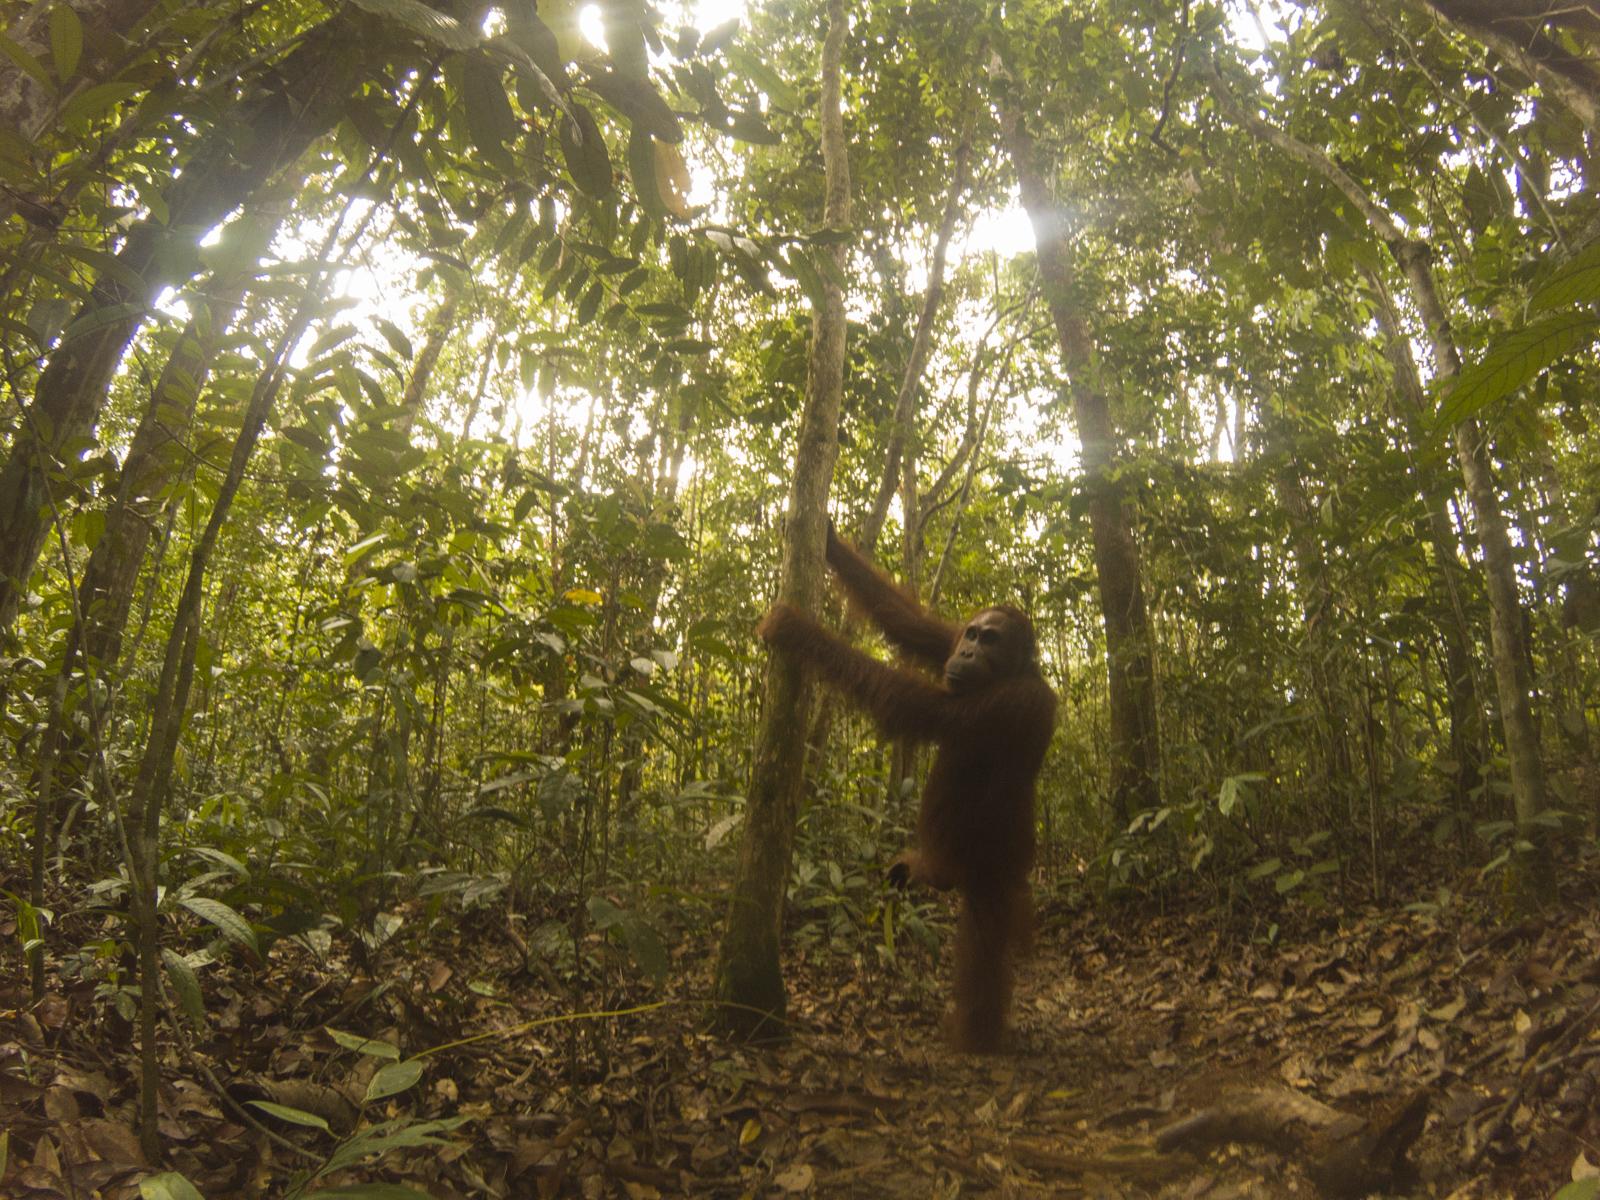 Tanjung Puting orangutan tour